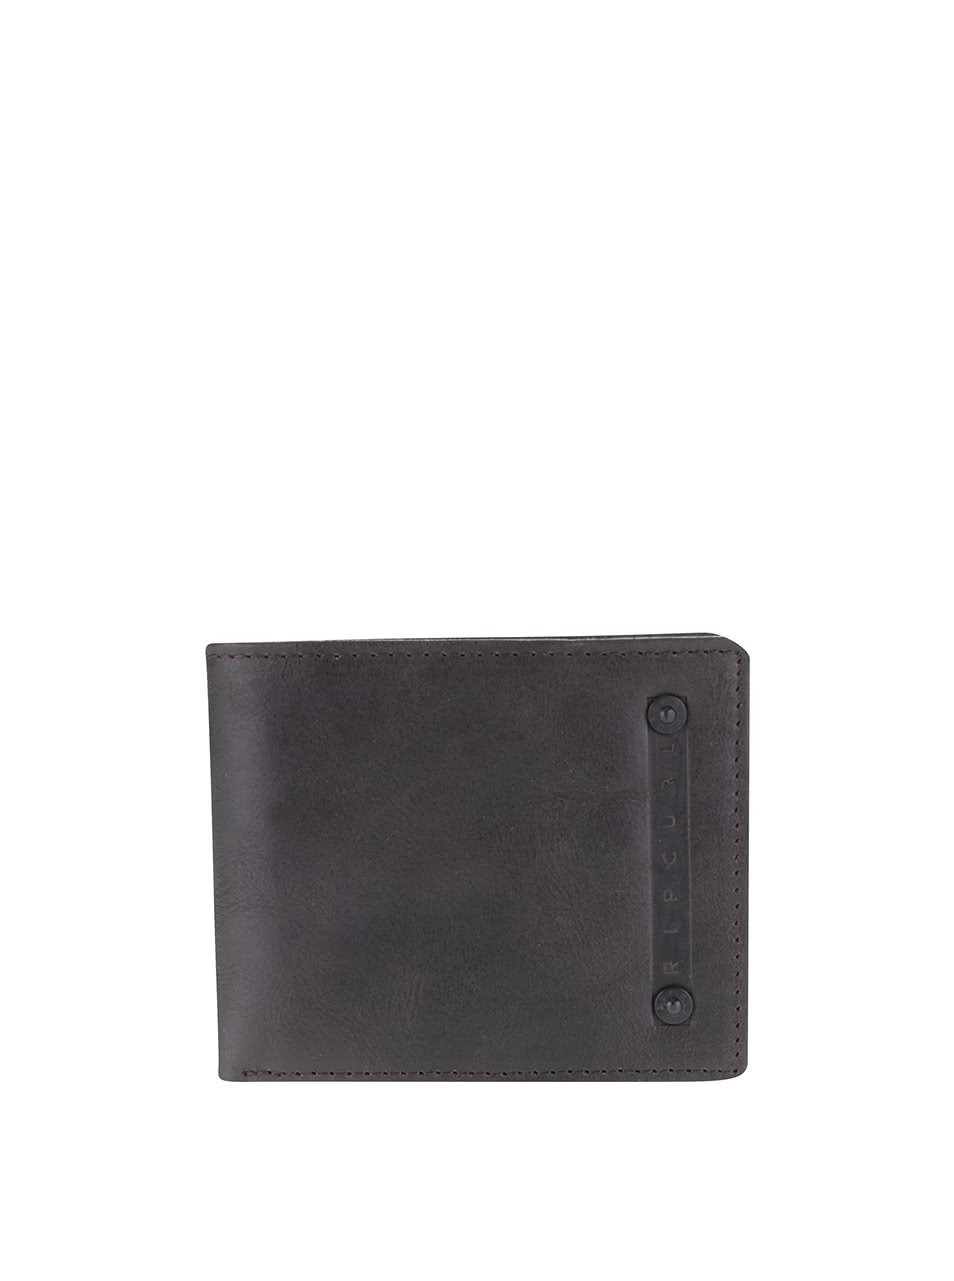 Hnědá pánská kožená peněženka Rip Curl Clean 2 in 1